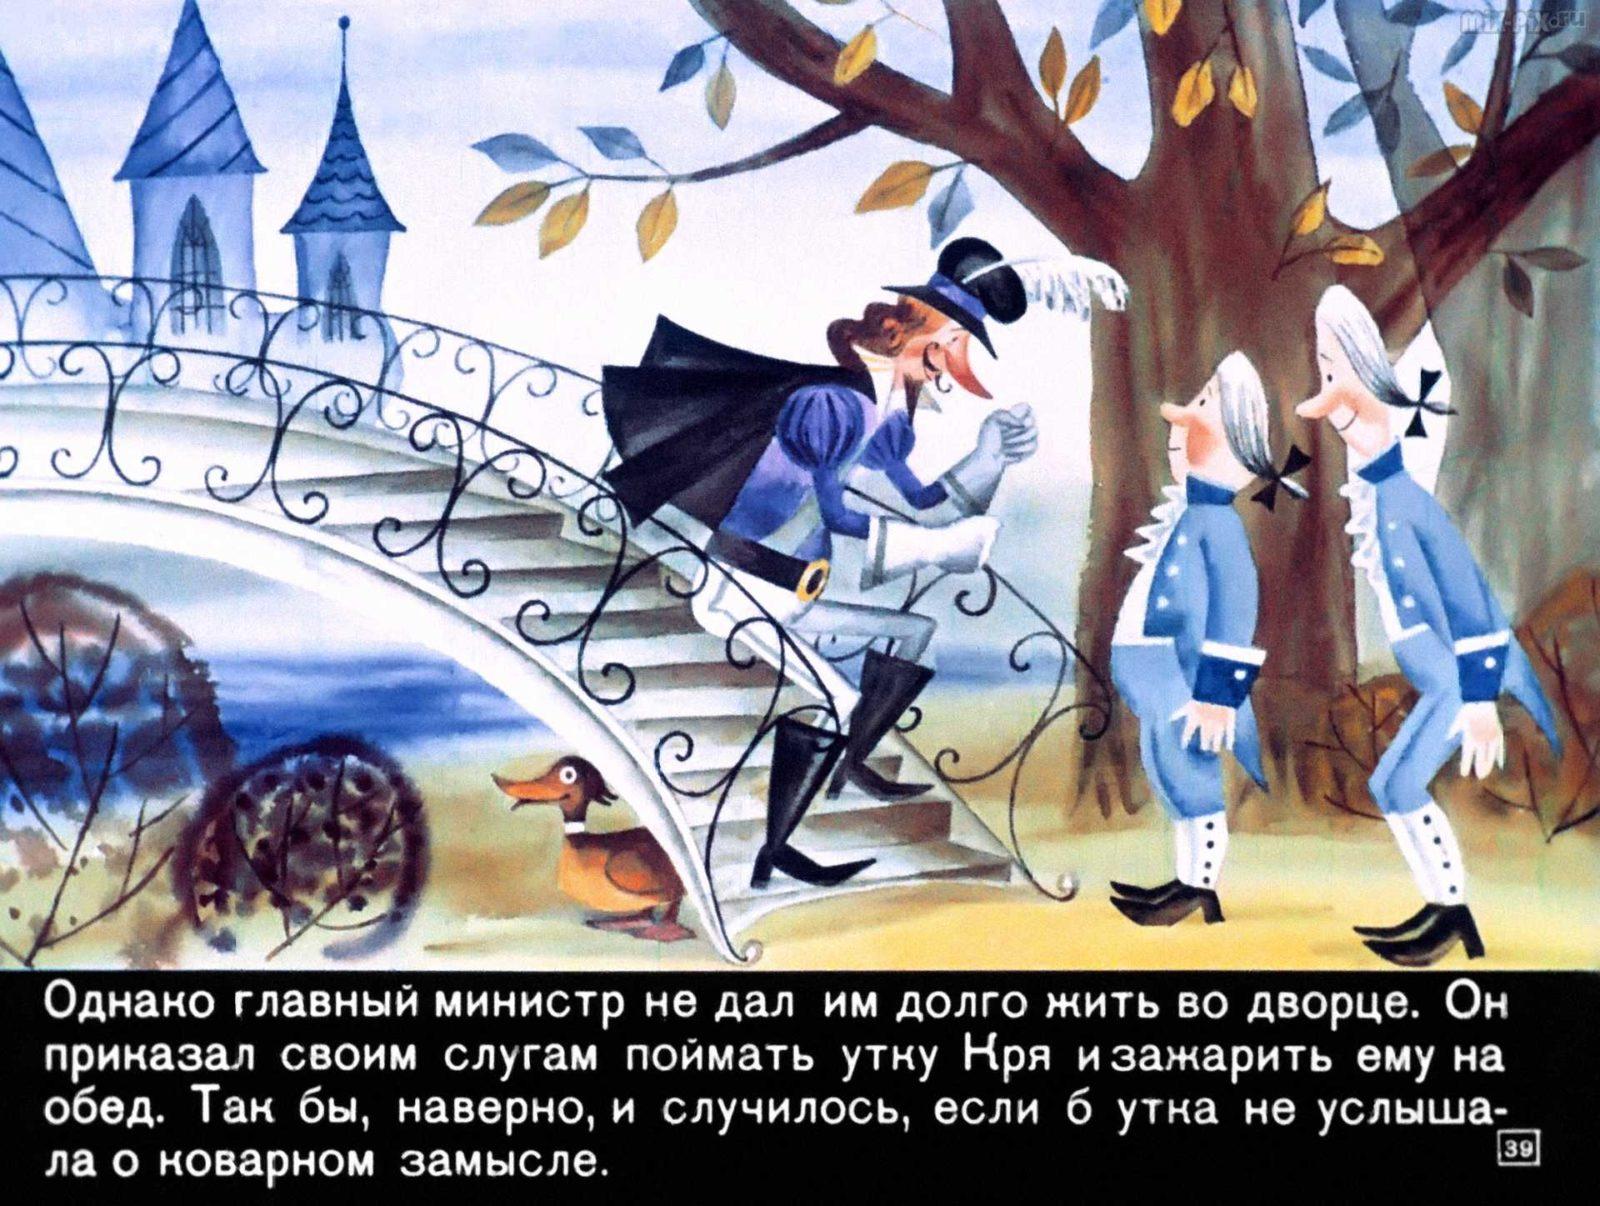 Сапожник Копытко и утка Кря (1972) 43